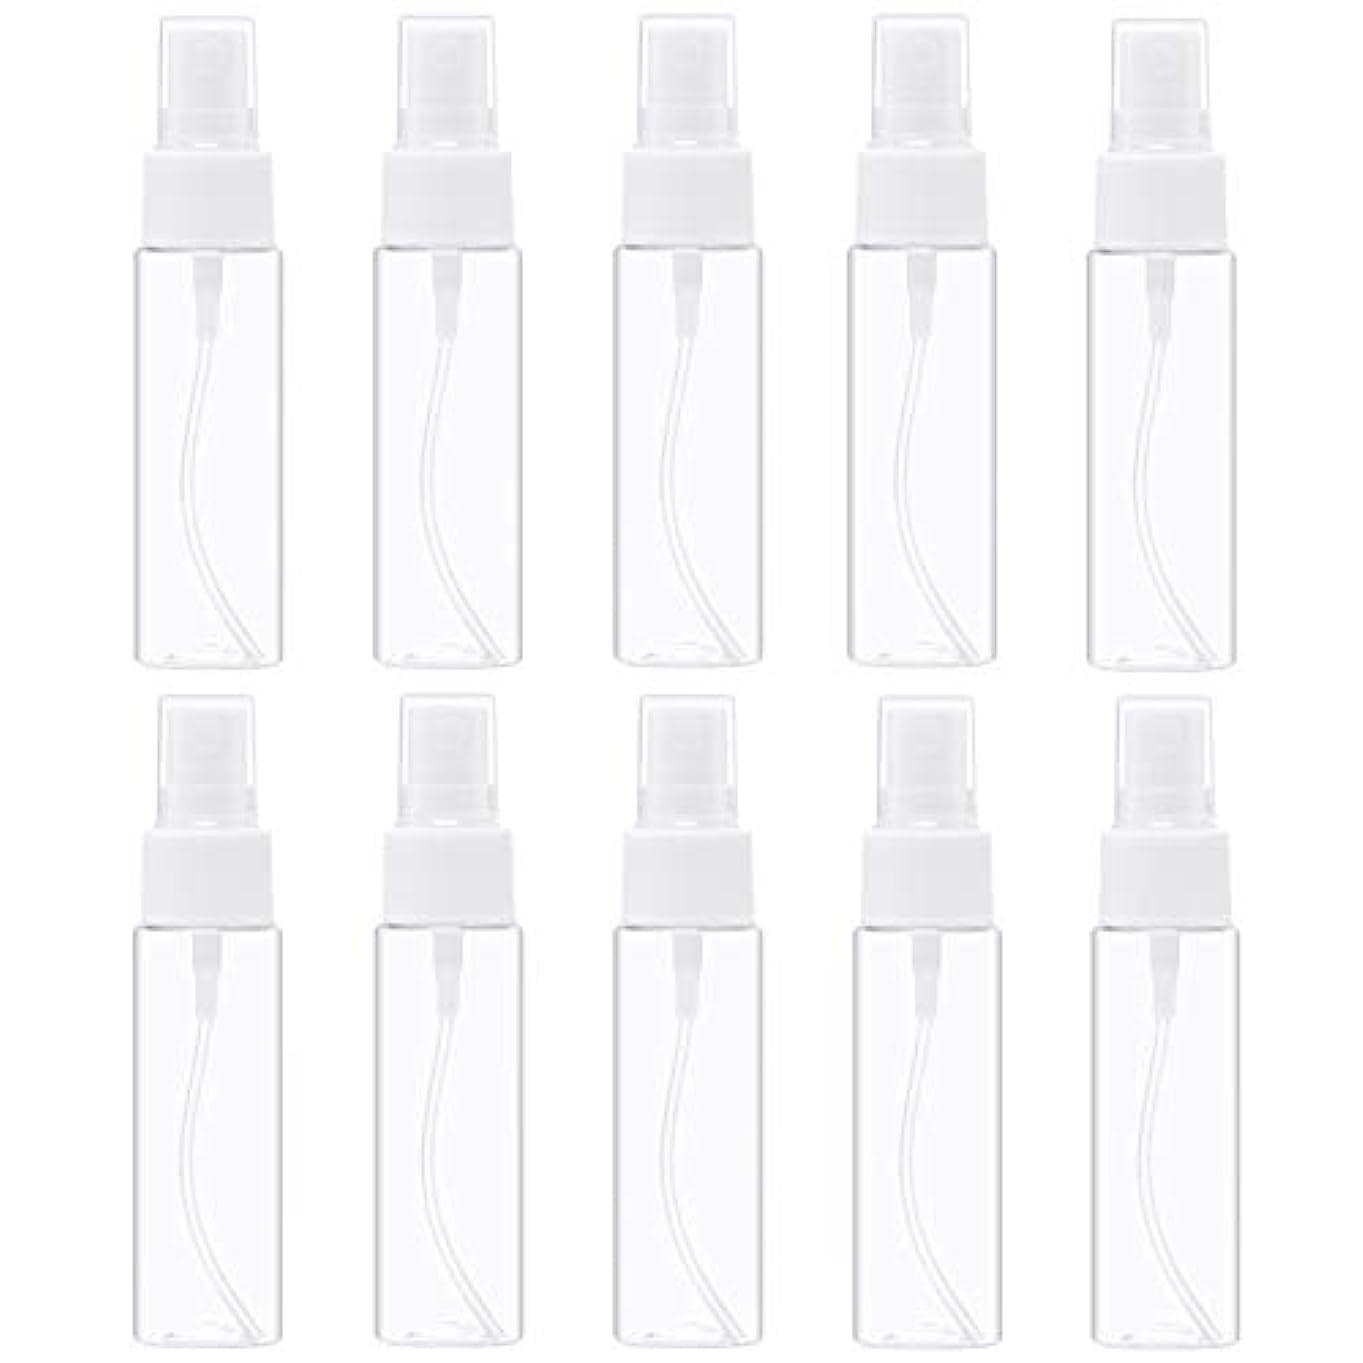 必要ないれるれるスプレーボトル 30ml 透明 空容器 10本 セット